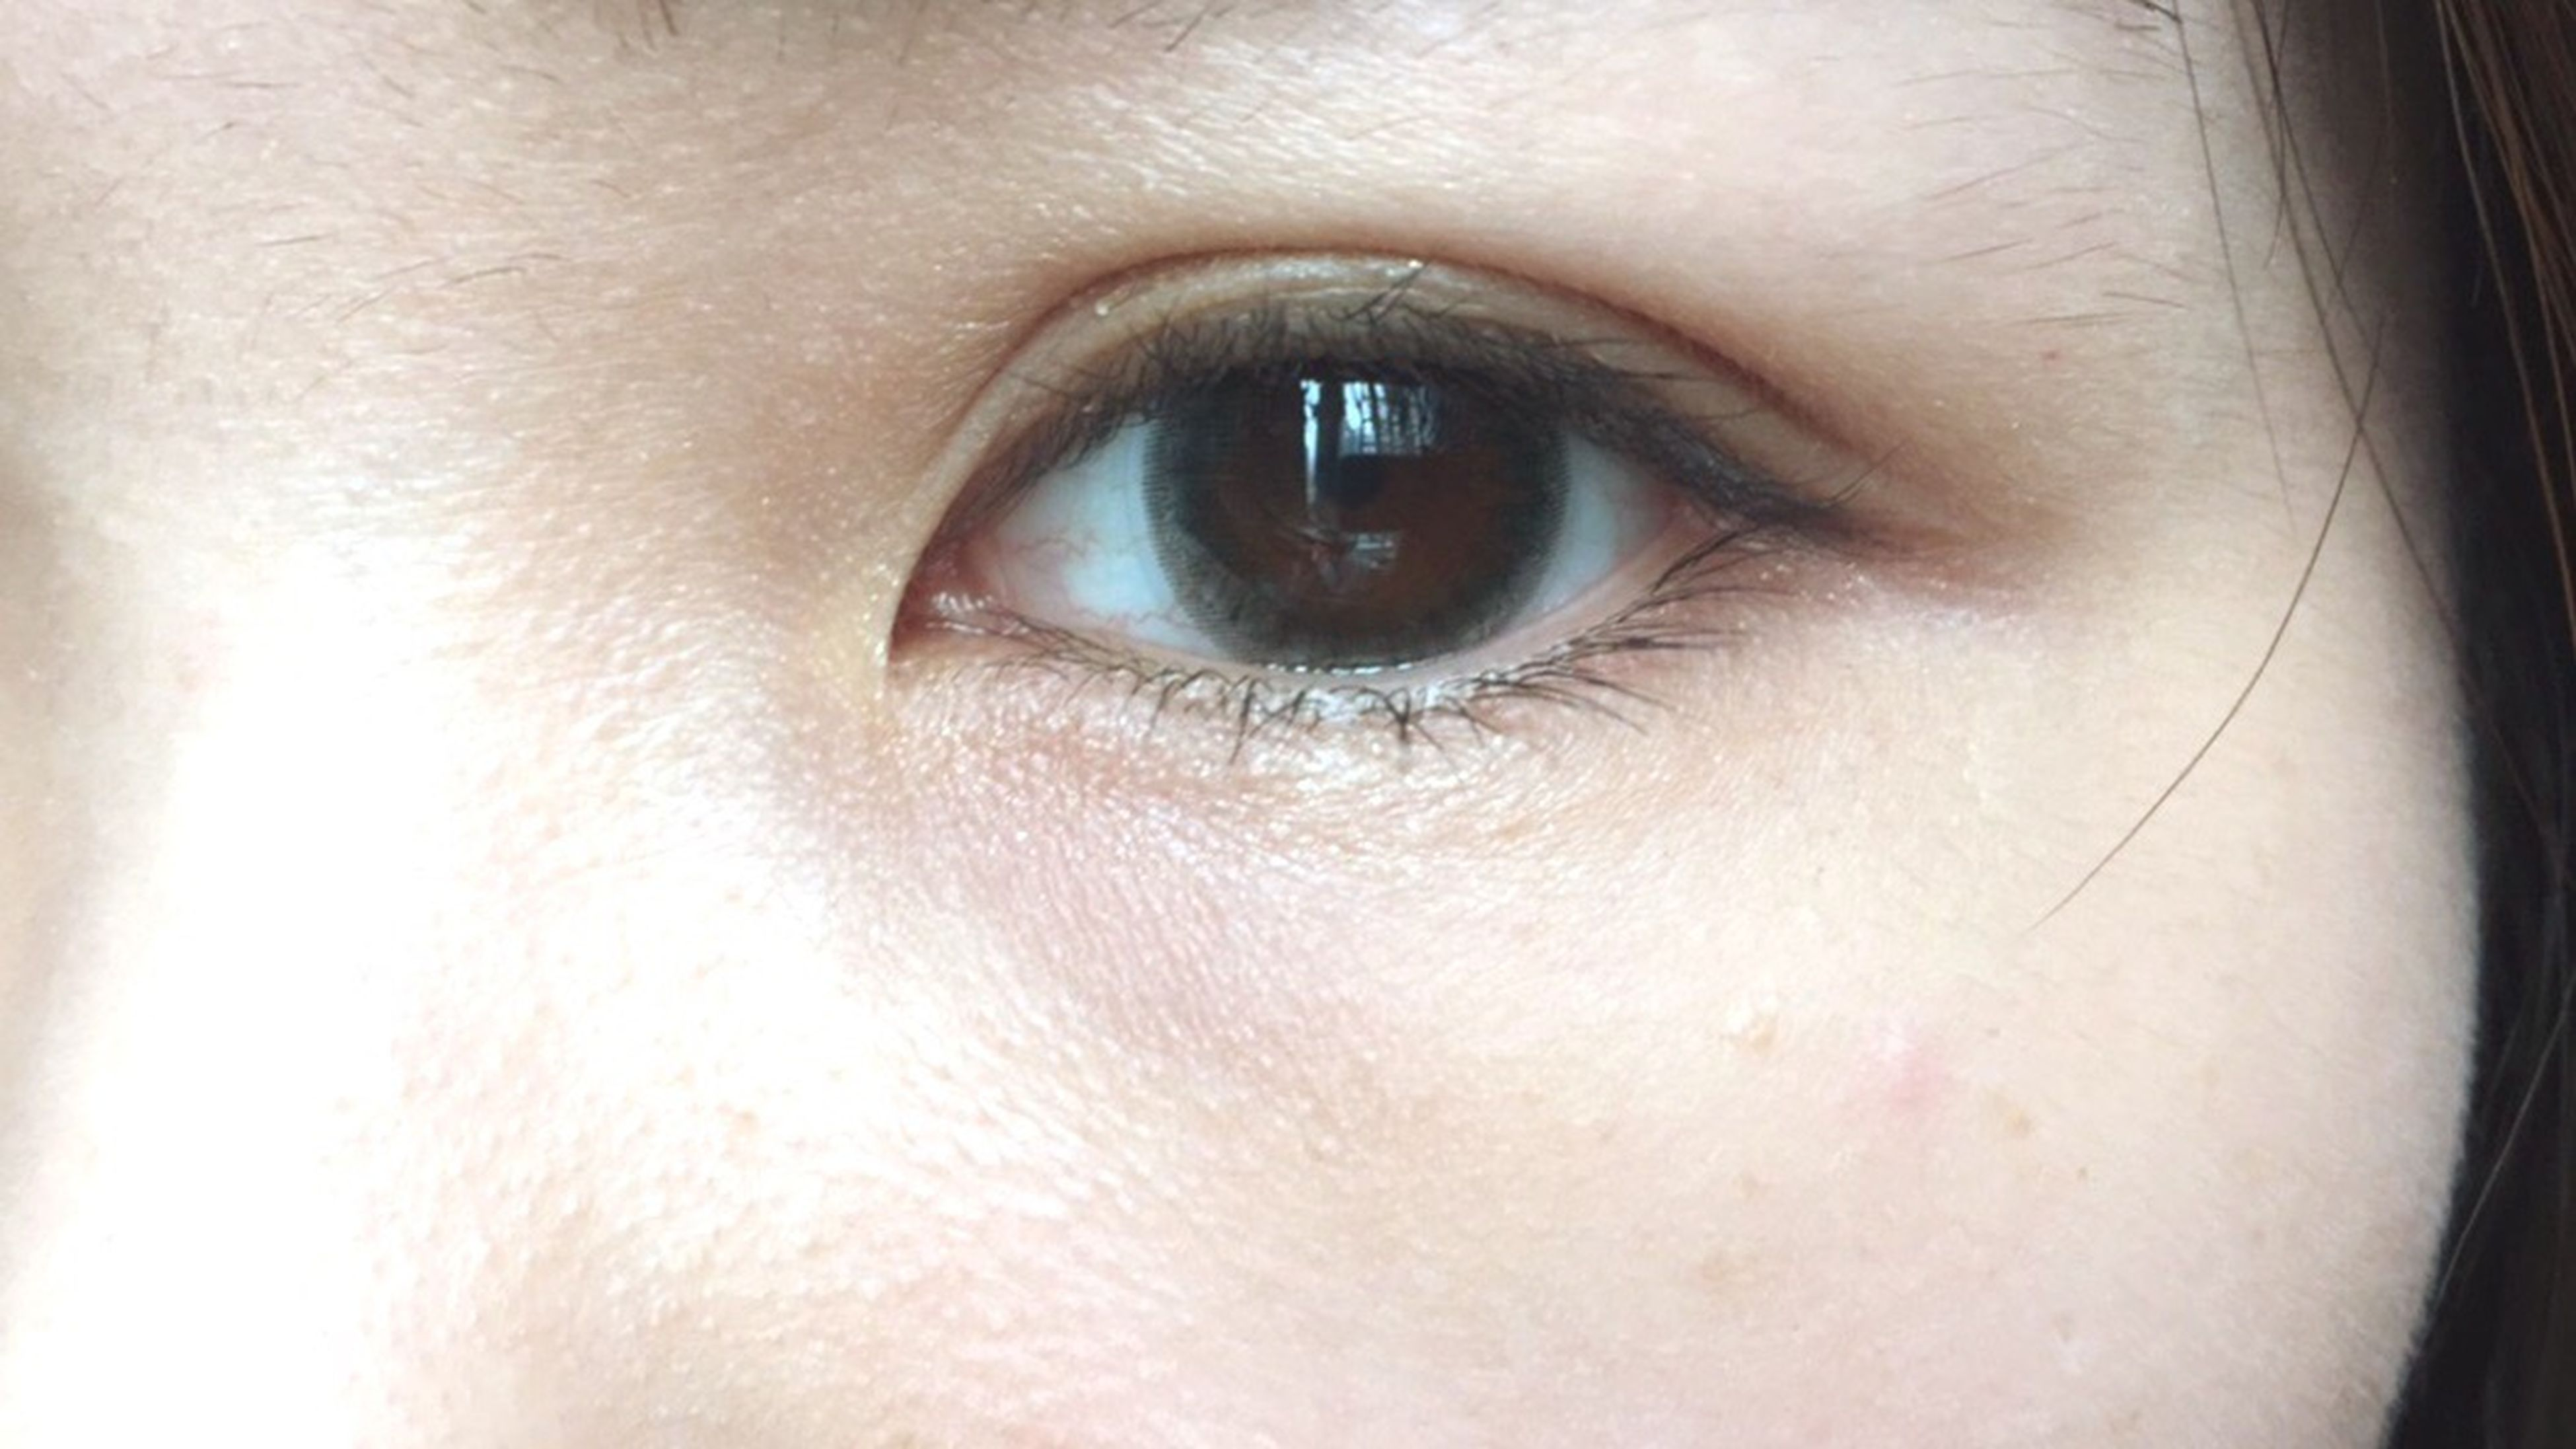 human eye, close-up, eyelash, indoors, eyesight, looking at camera, portrait, part of, human face, human skin, extreme close-up, sensory perception, iris - eye, full frame, lifestyles, eyebrow, headshot